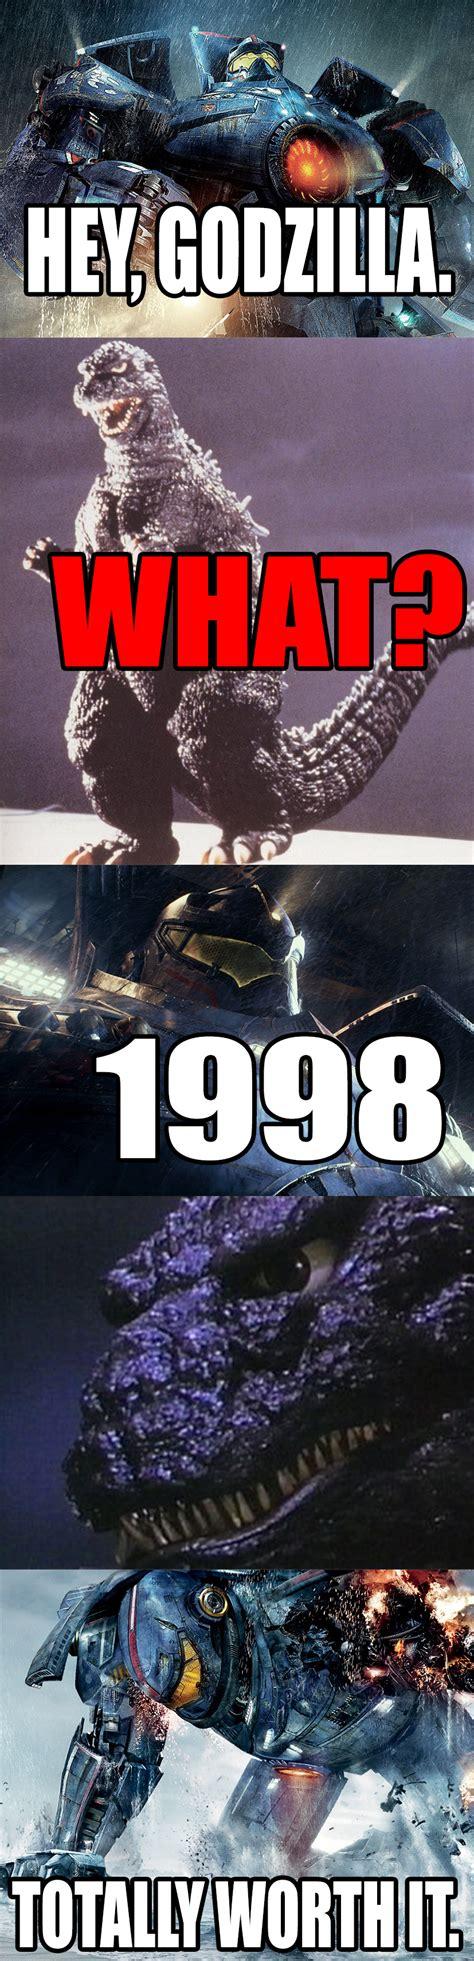 Godzilla Meme - godzilla meme by awesomeness360 on deviantart